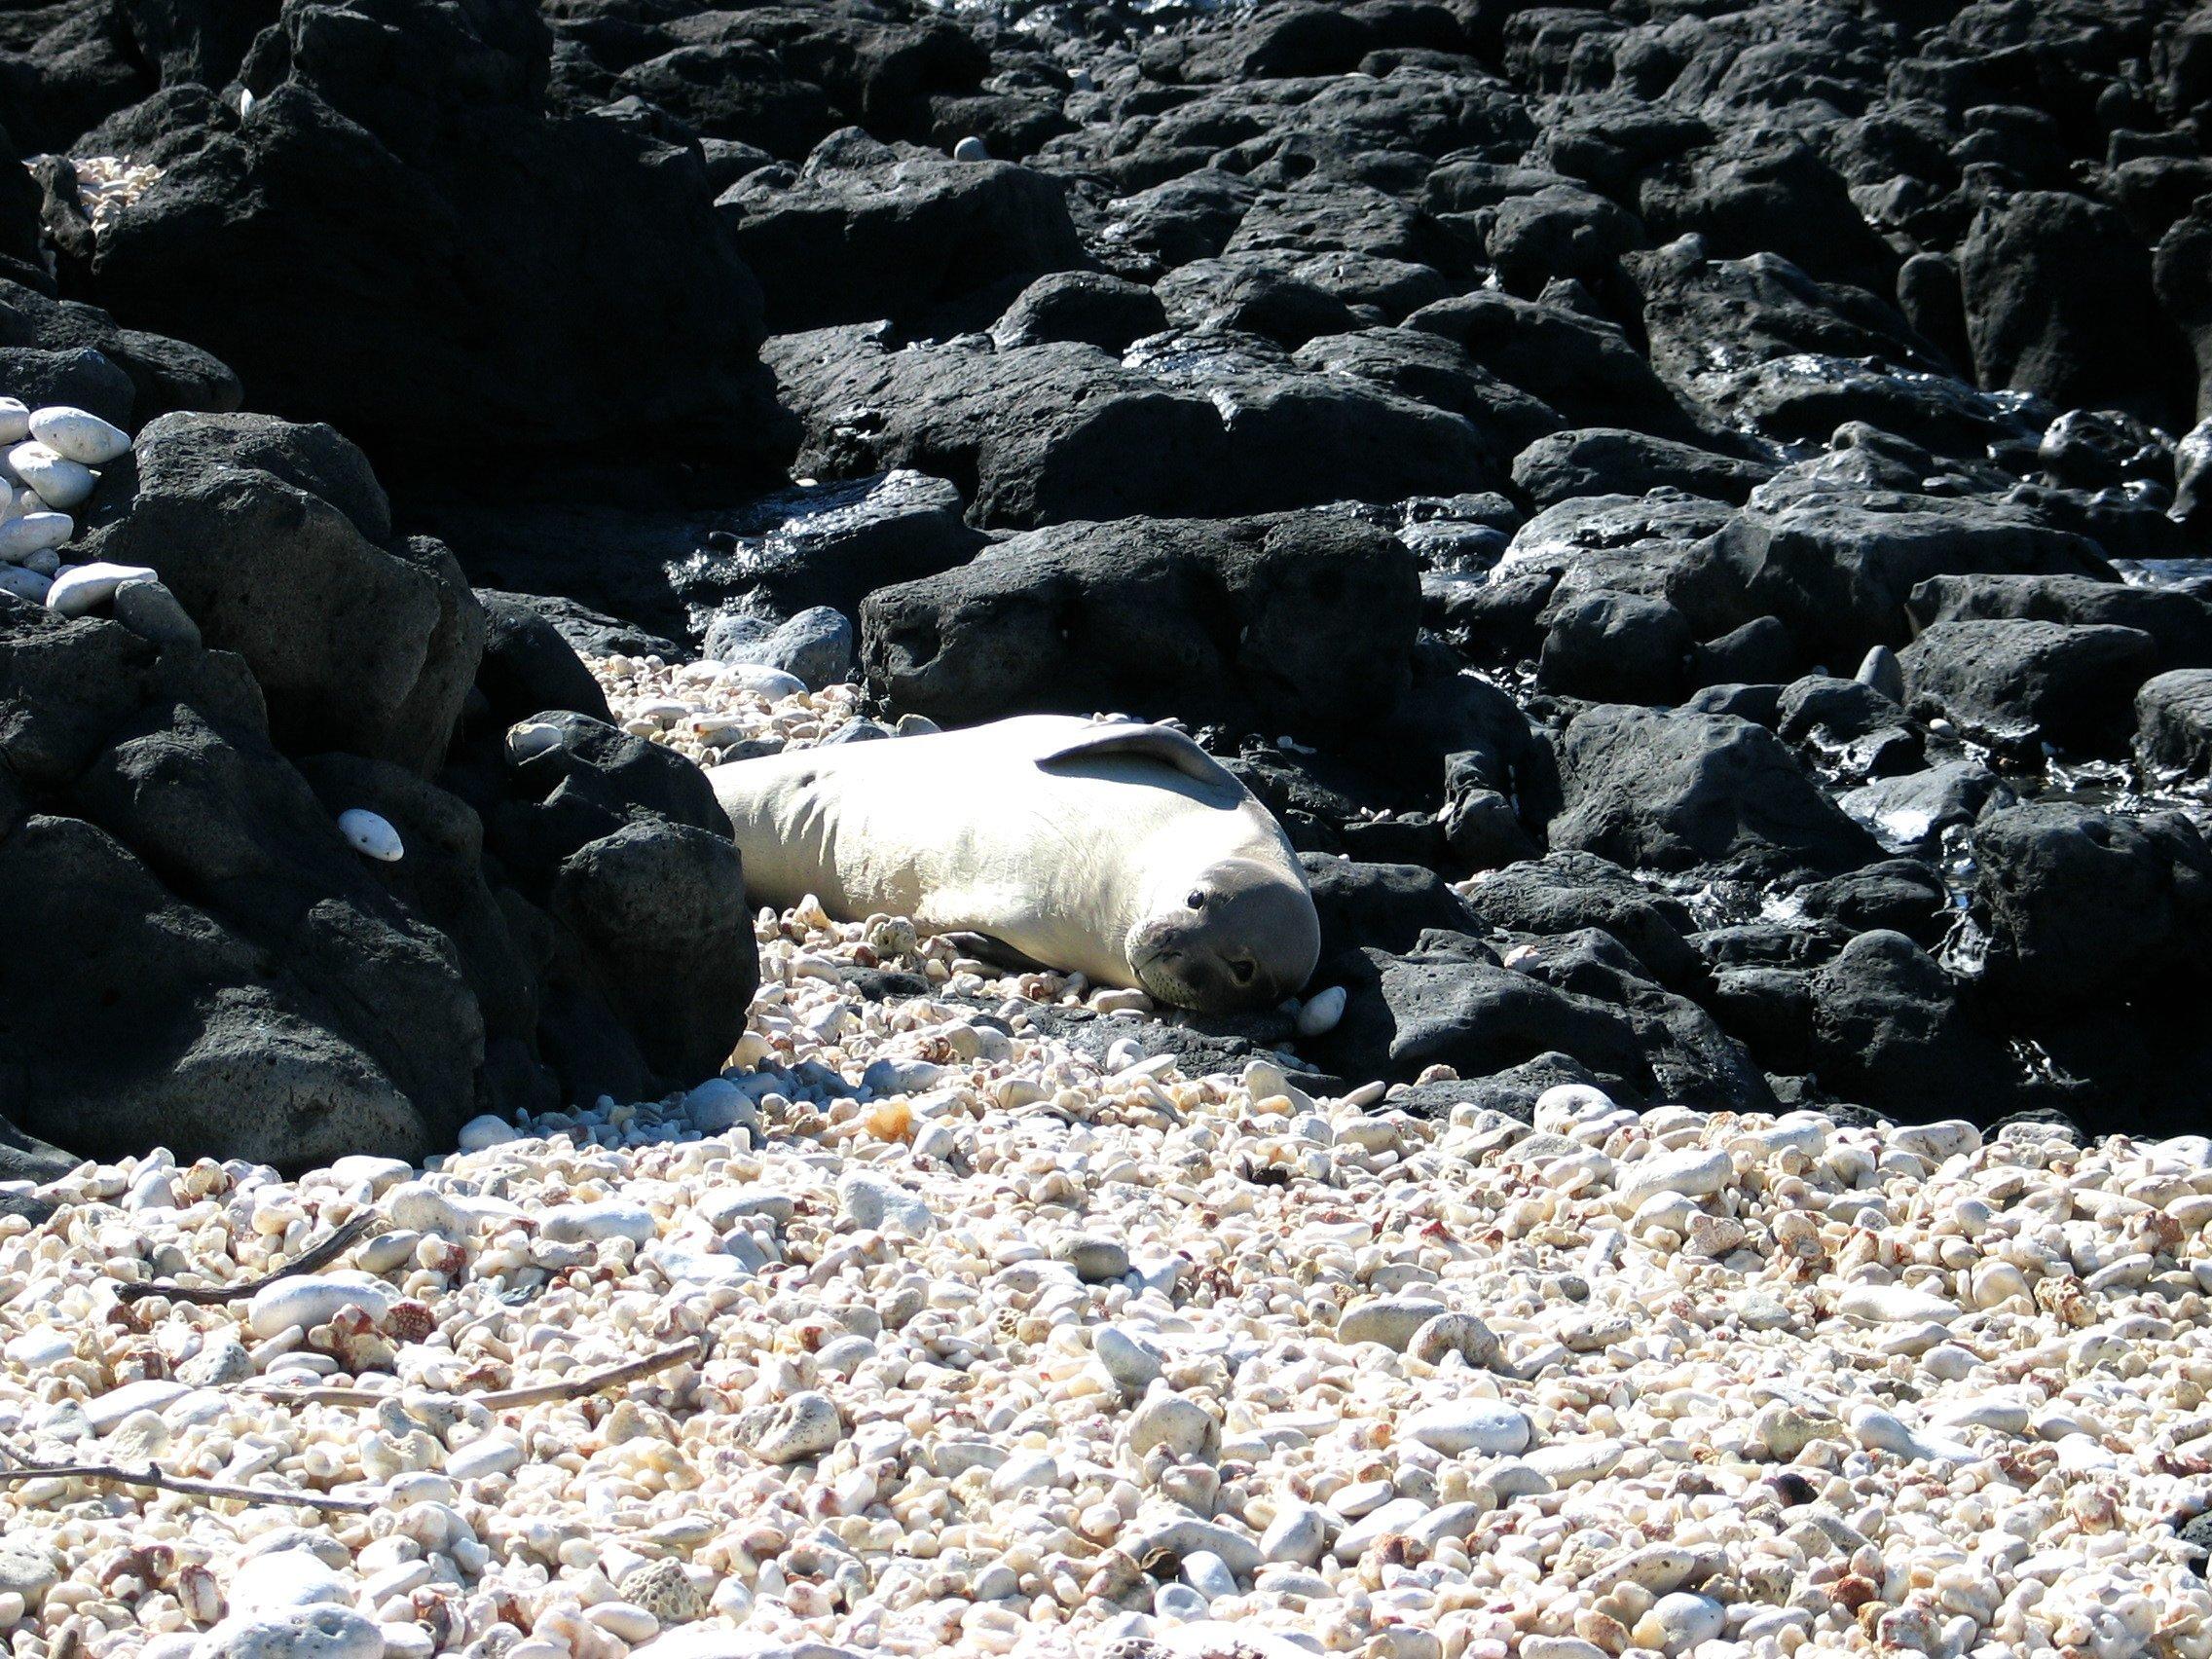 Image of Hawaiian Monk Seal